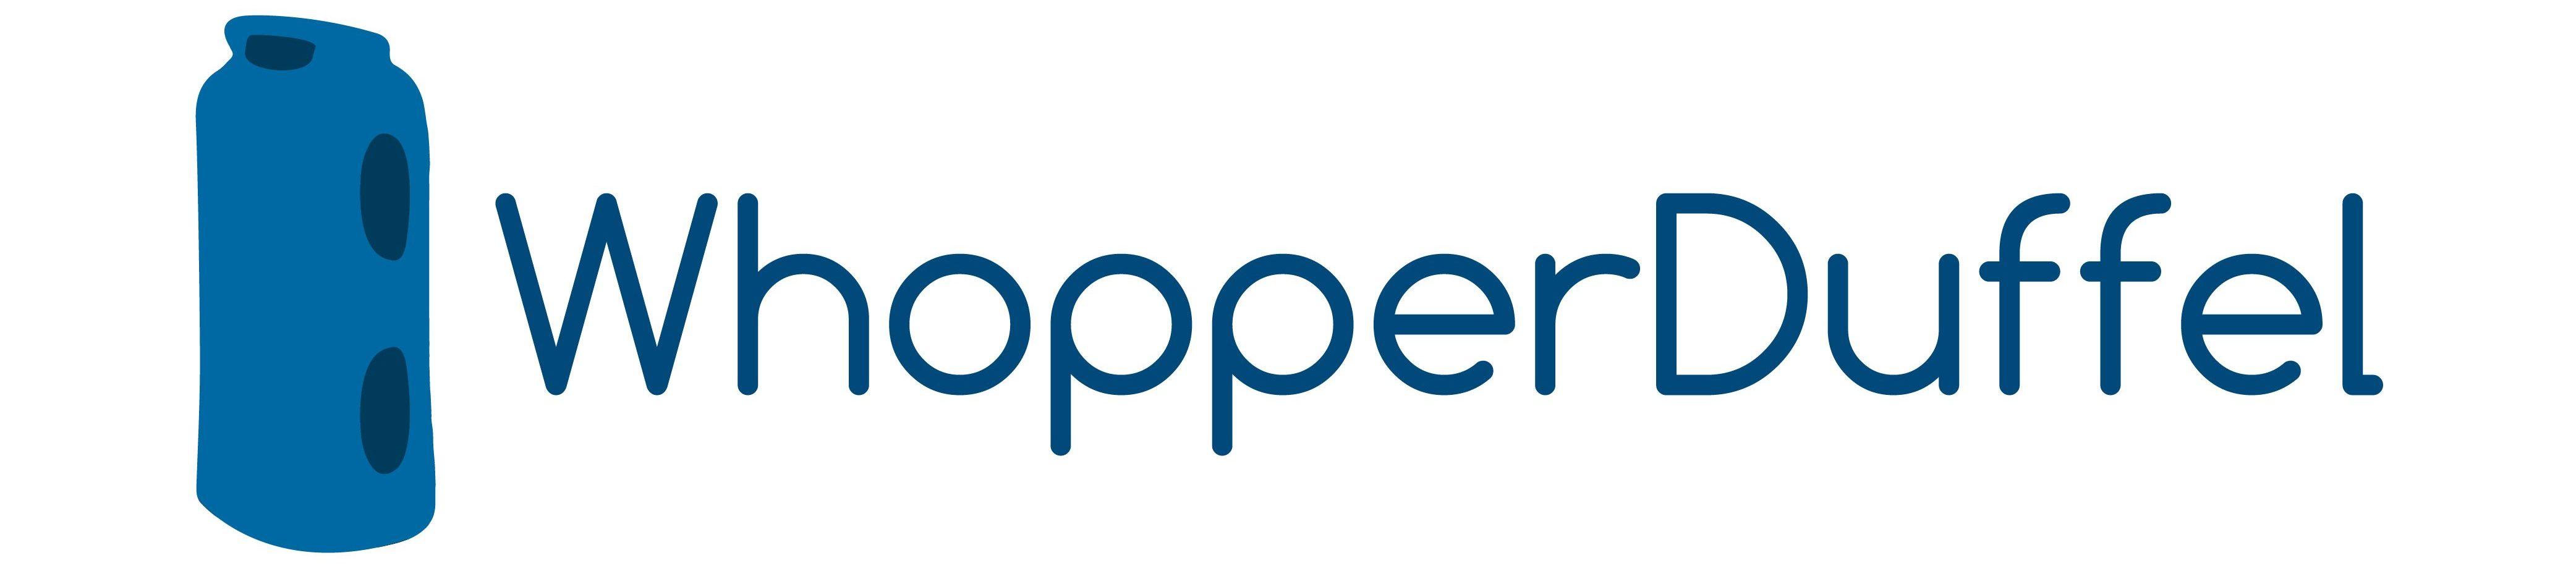 Whopper Duffel